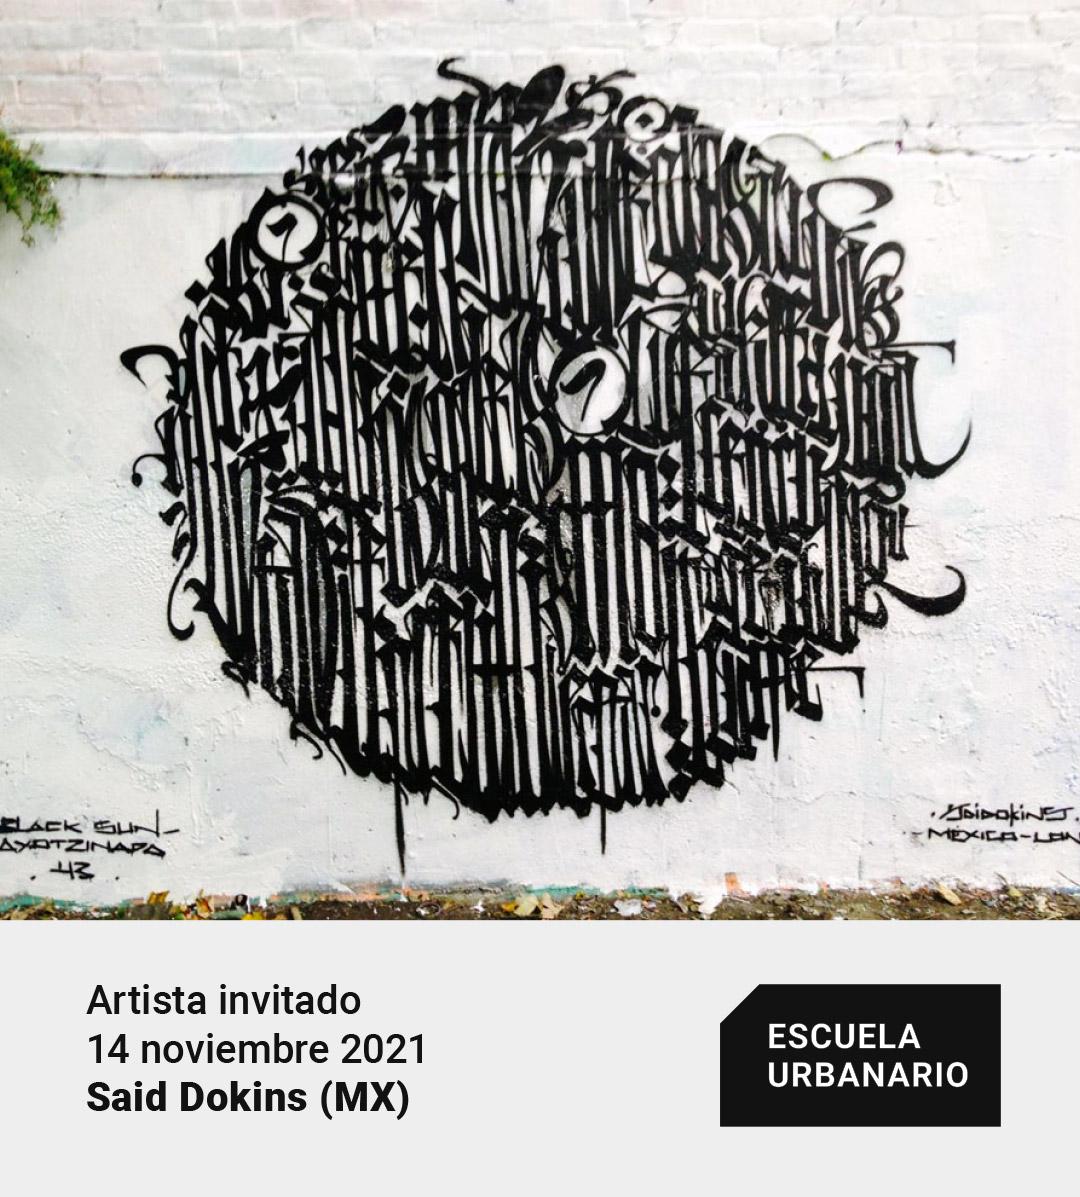 Said Dokins - Escuela Urbanario